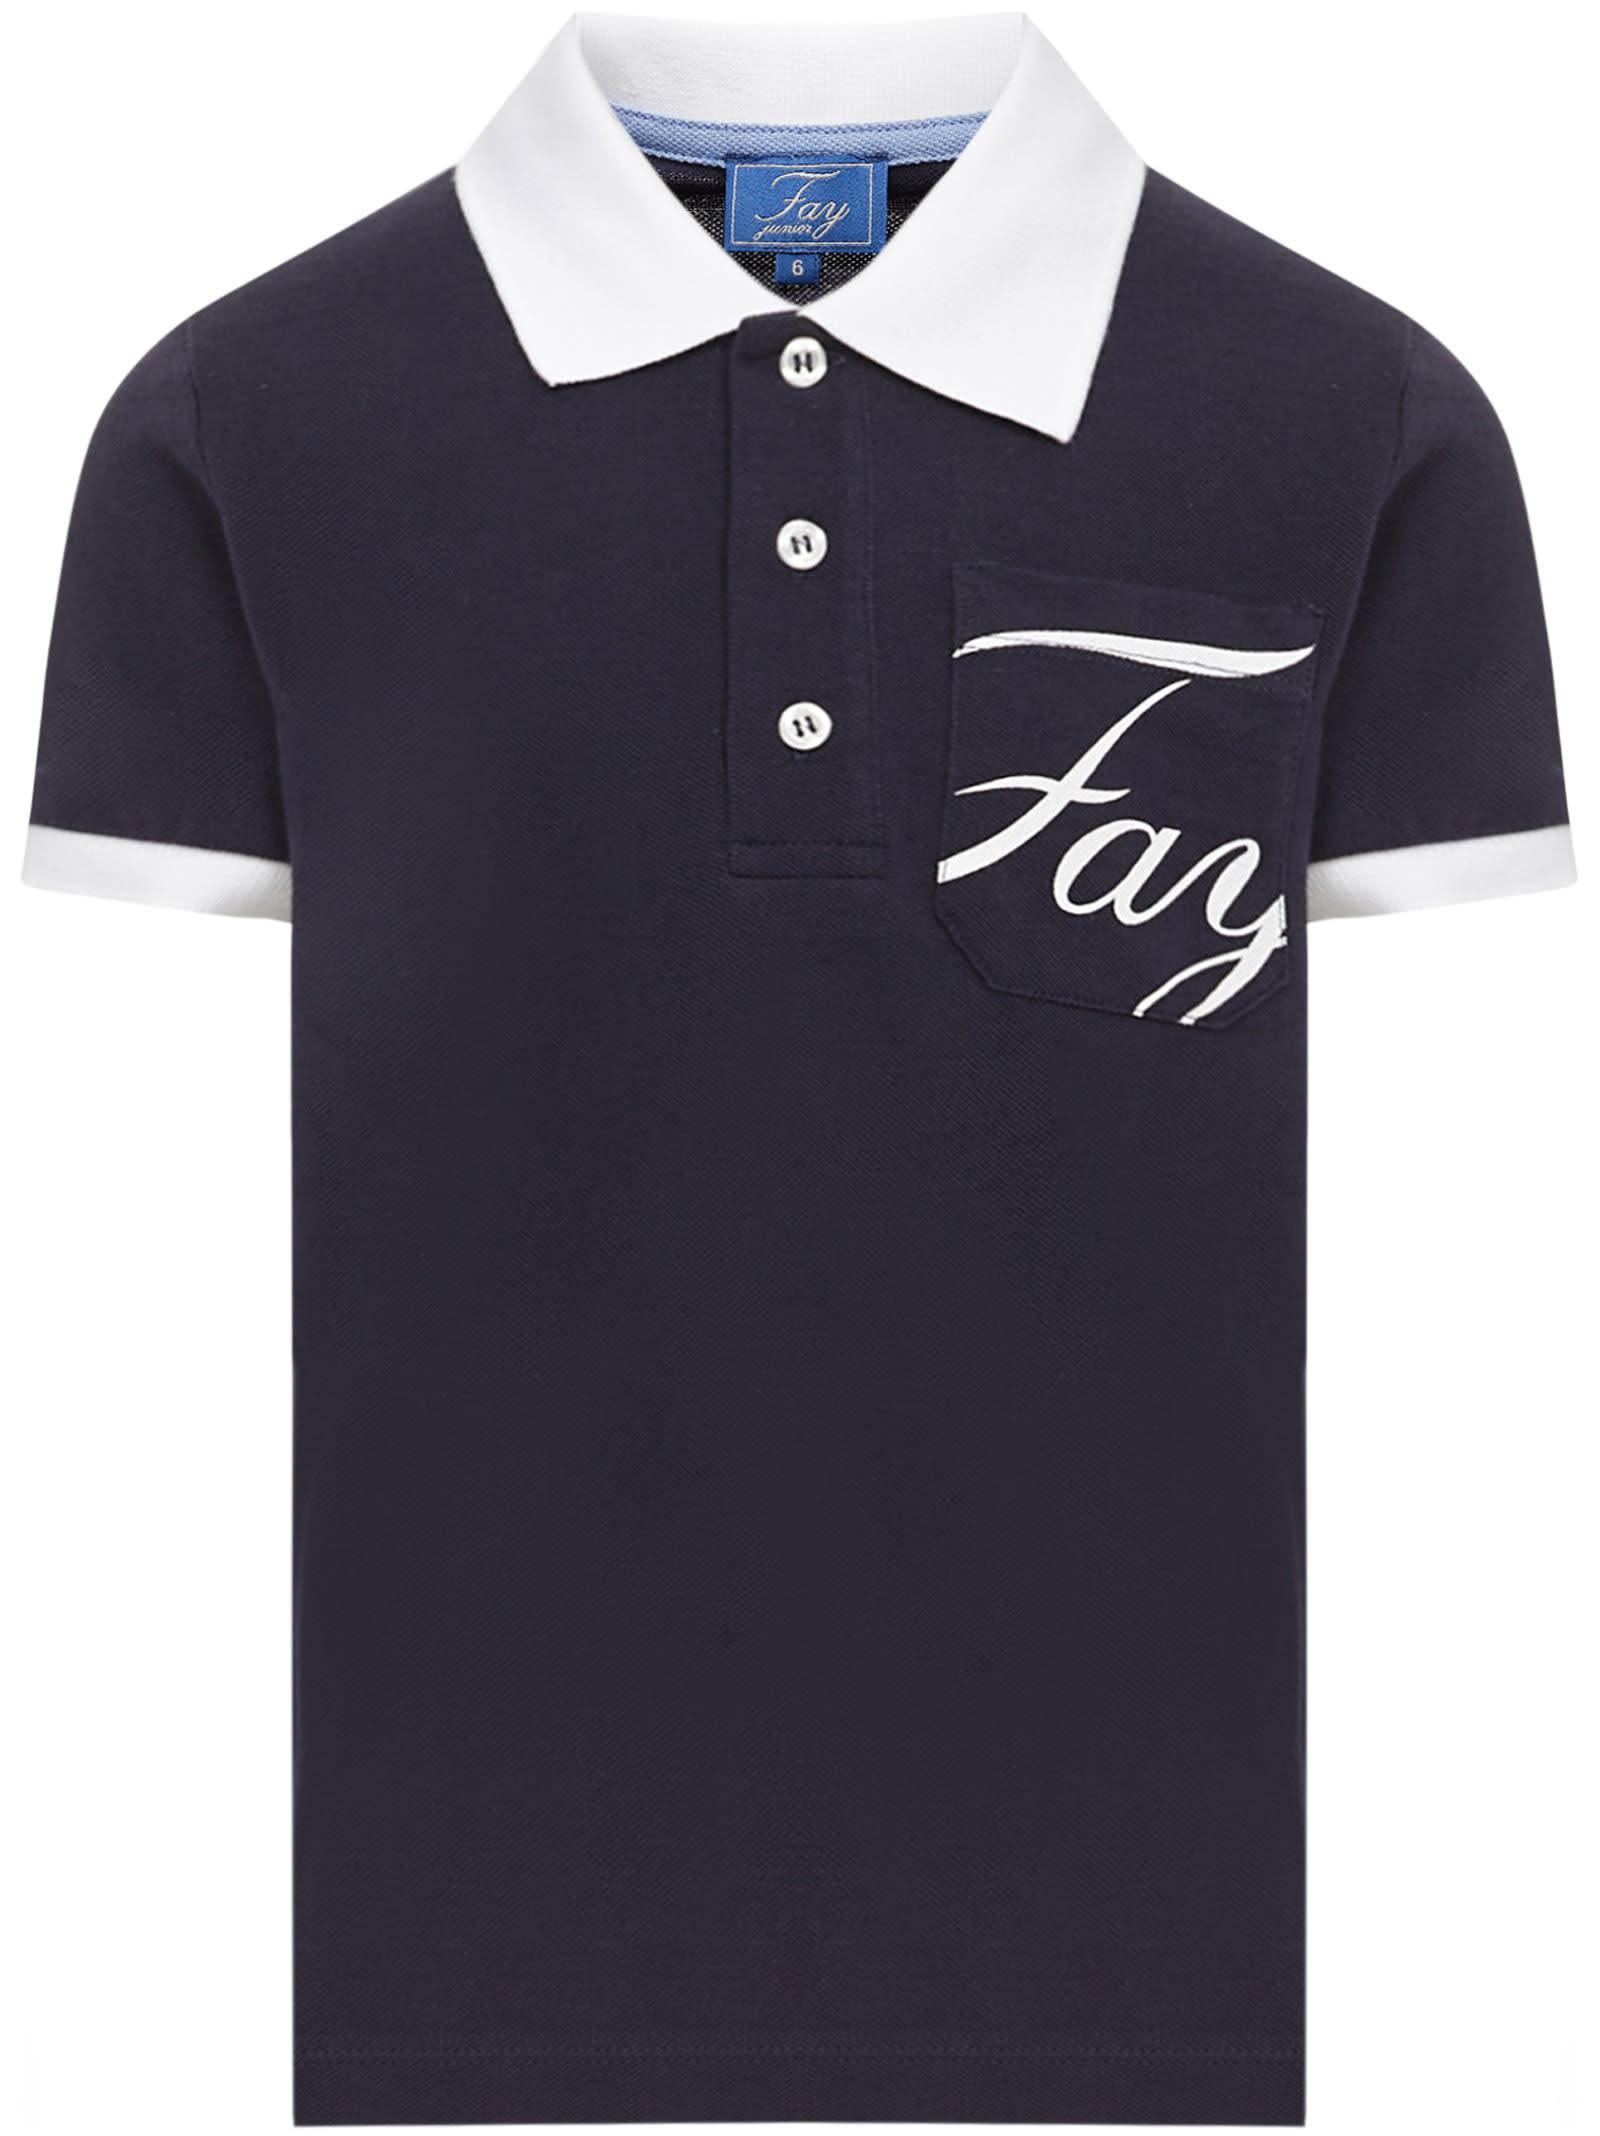 Fay Kids Polo Shirt